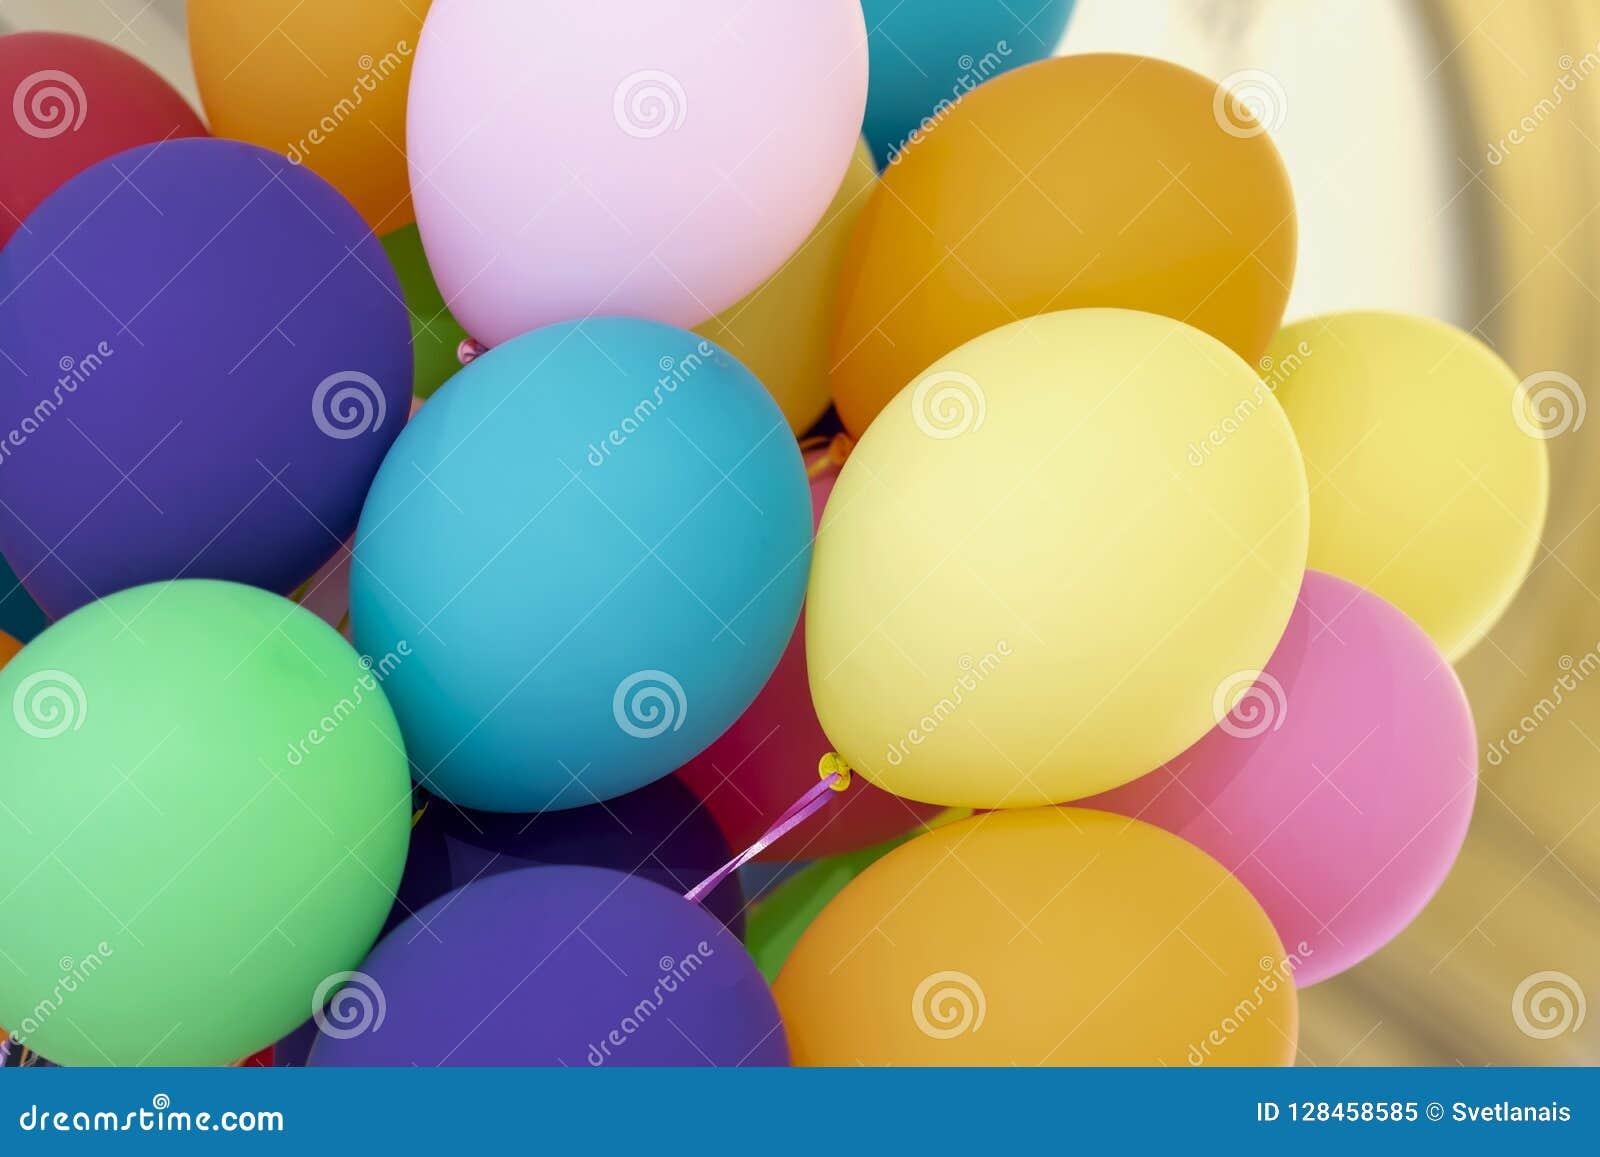 Jaskrawy stubarwny hel szybko się zwiększać zakończenie, świąteczny kolorowy abstrakcjonistyczny tło dla różnych tematów